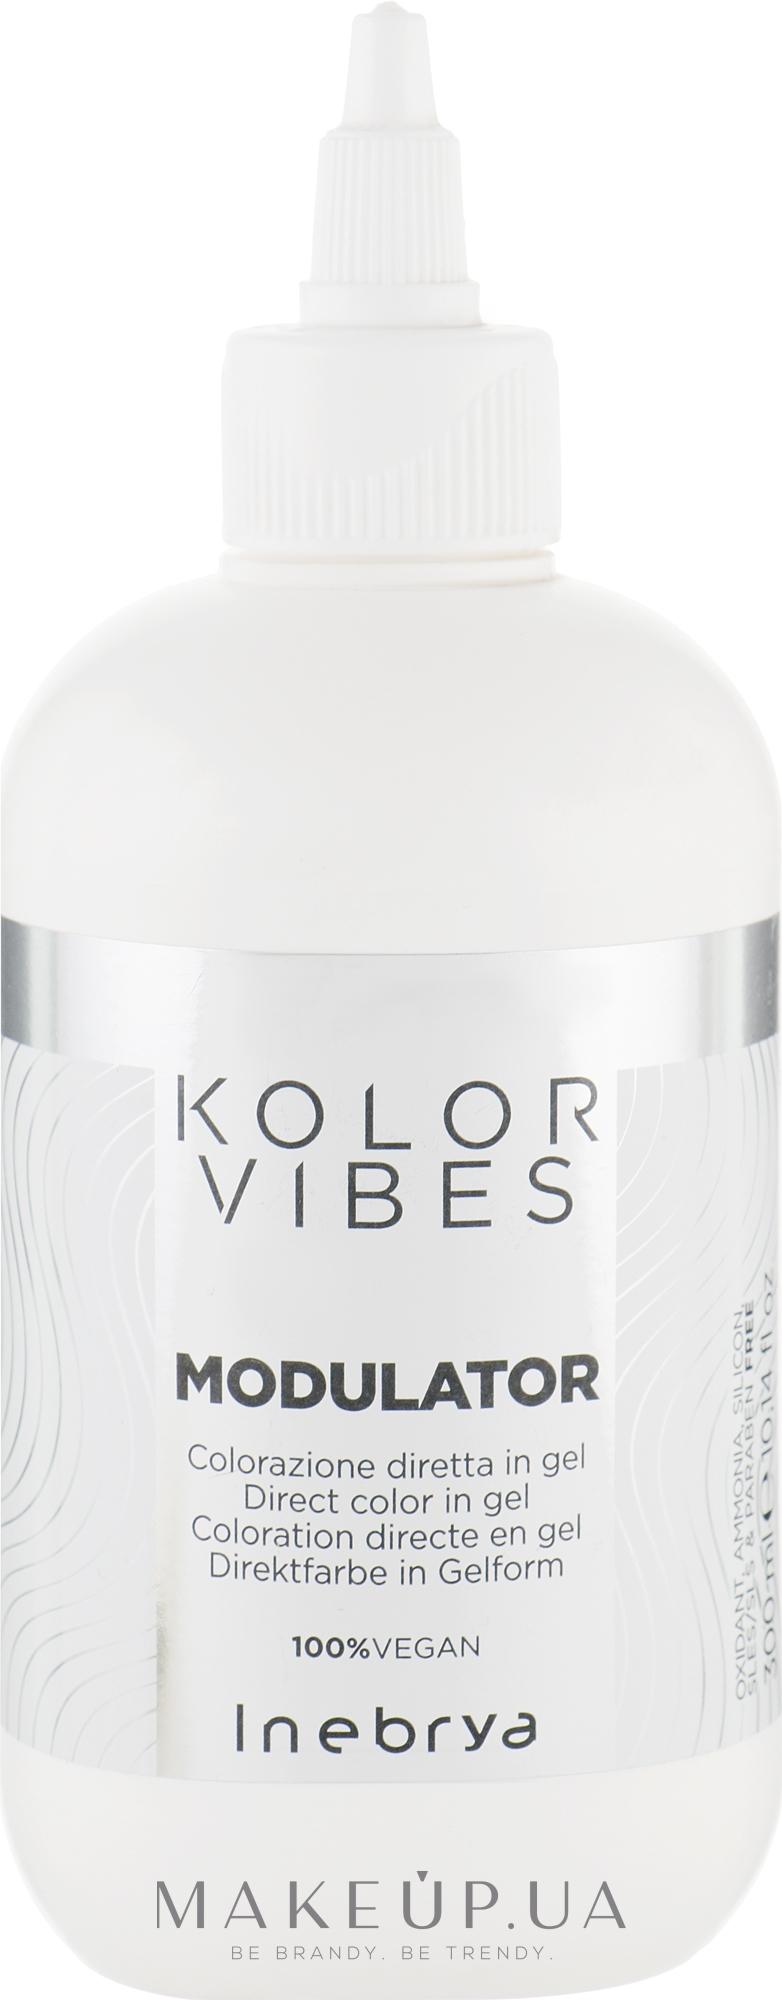 Окрашивающий гель для волос - Inebrya Kolor Vibes Modulator — фото 300ml